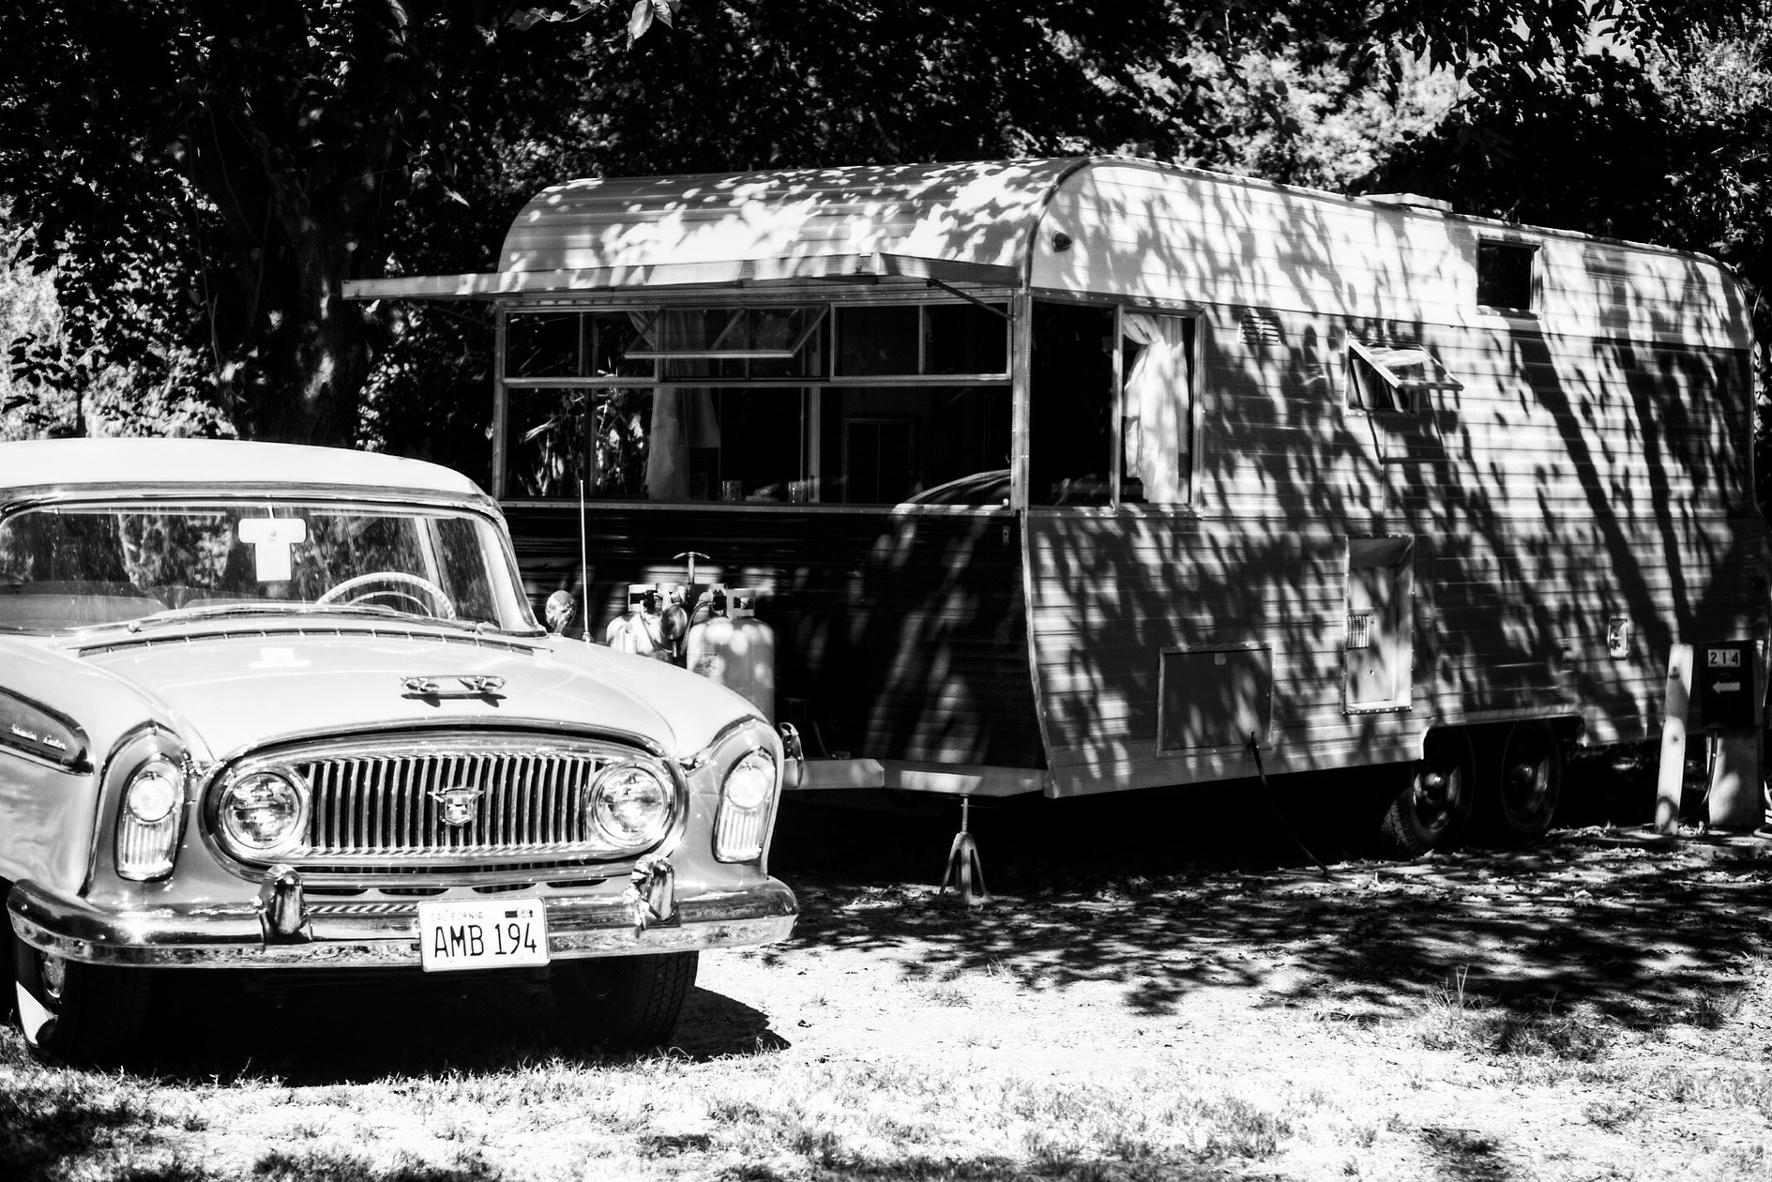 Caravan-Salon setzte vor 30 Jahren schon auf Jung-Caravaner